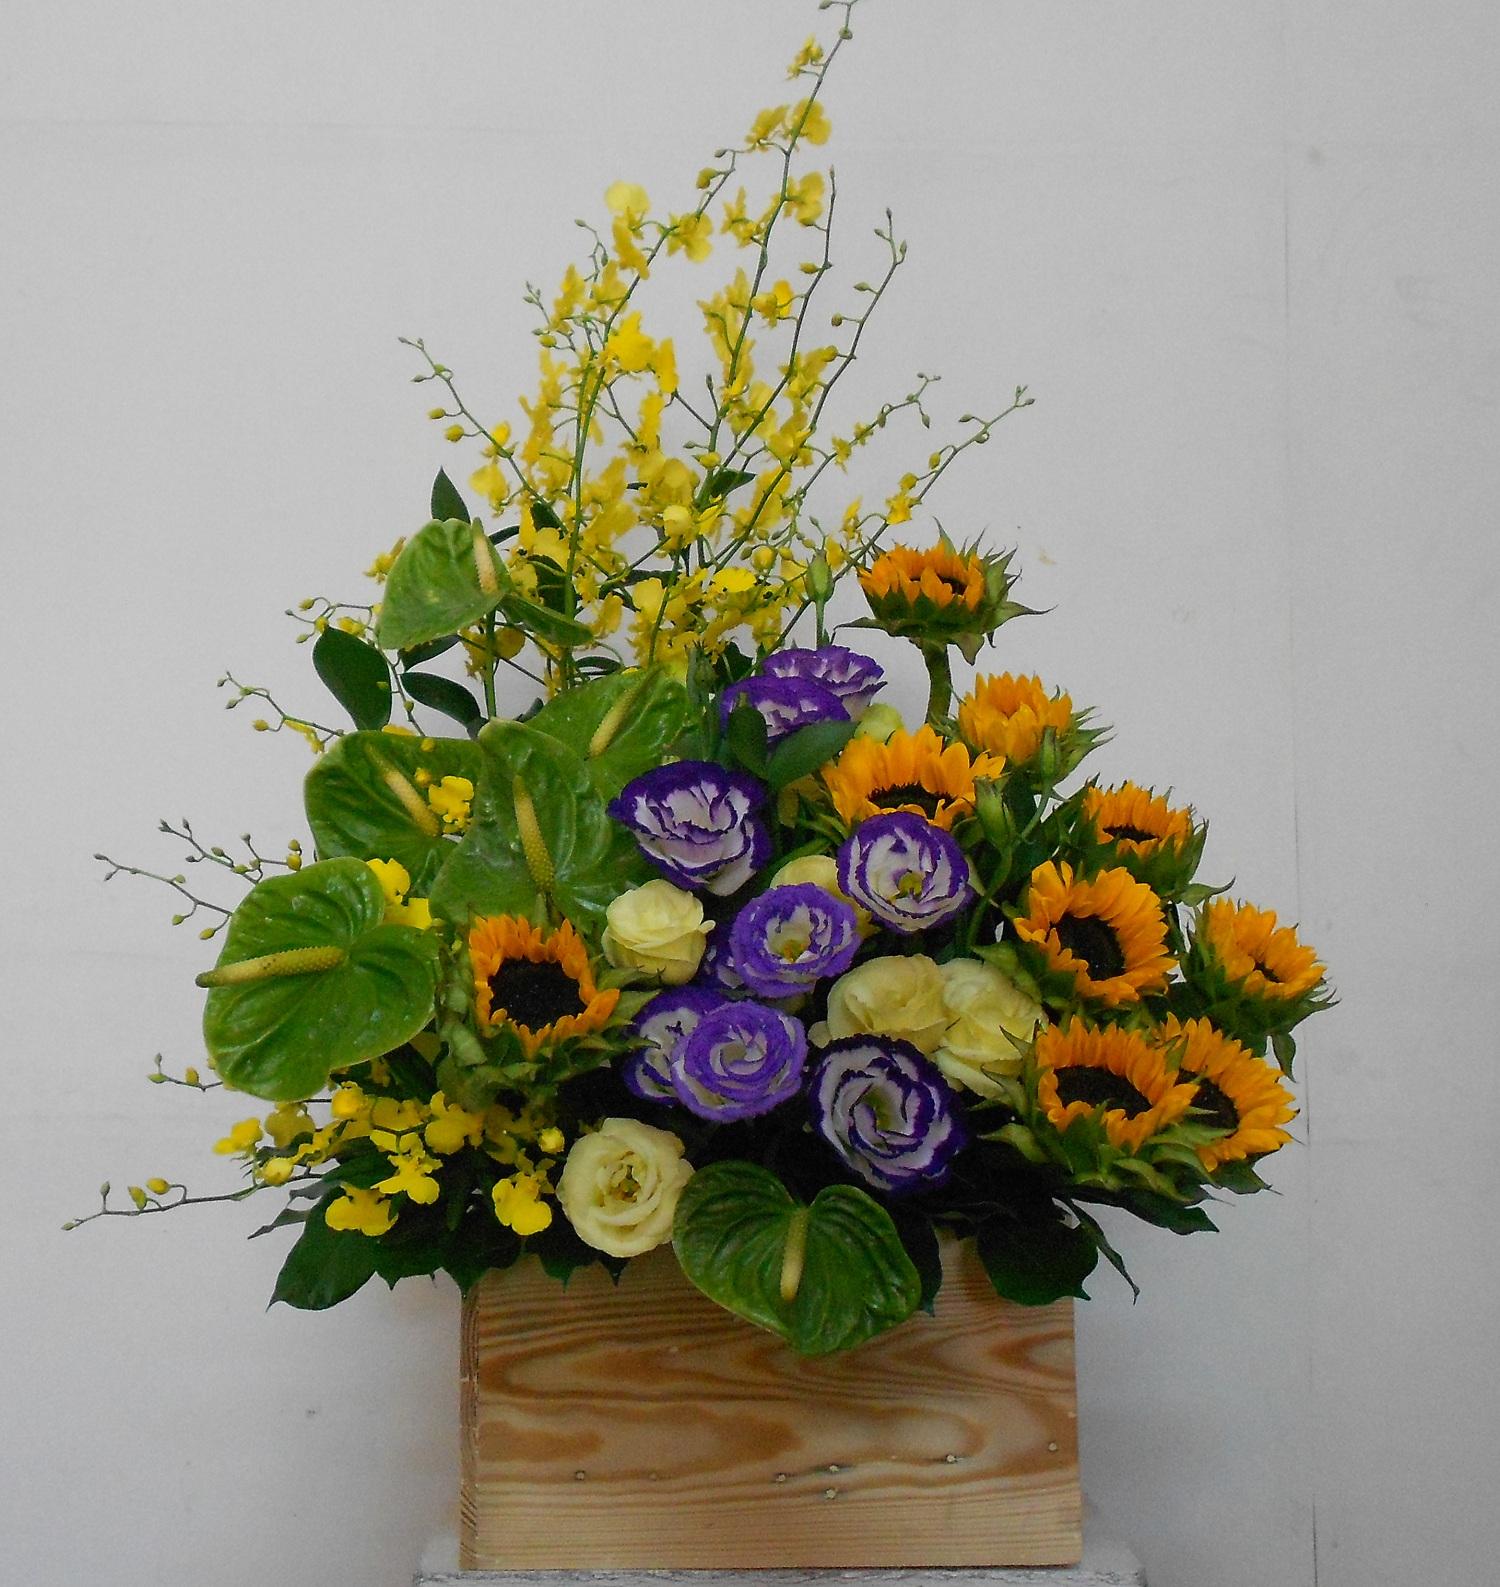 dịch vụ giao hoa tươi